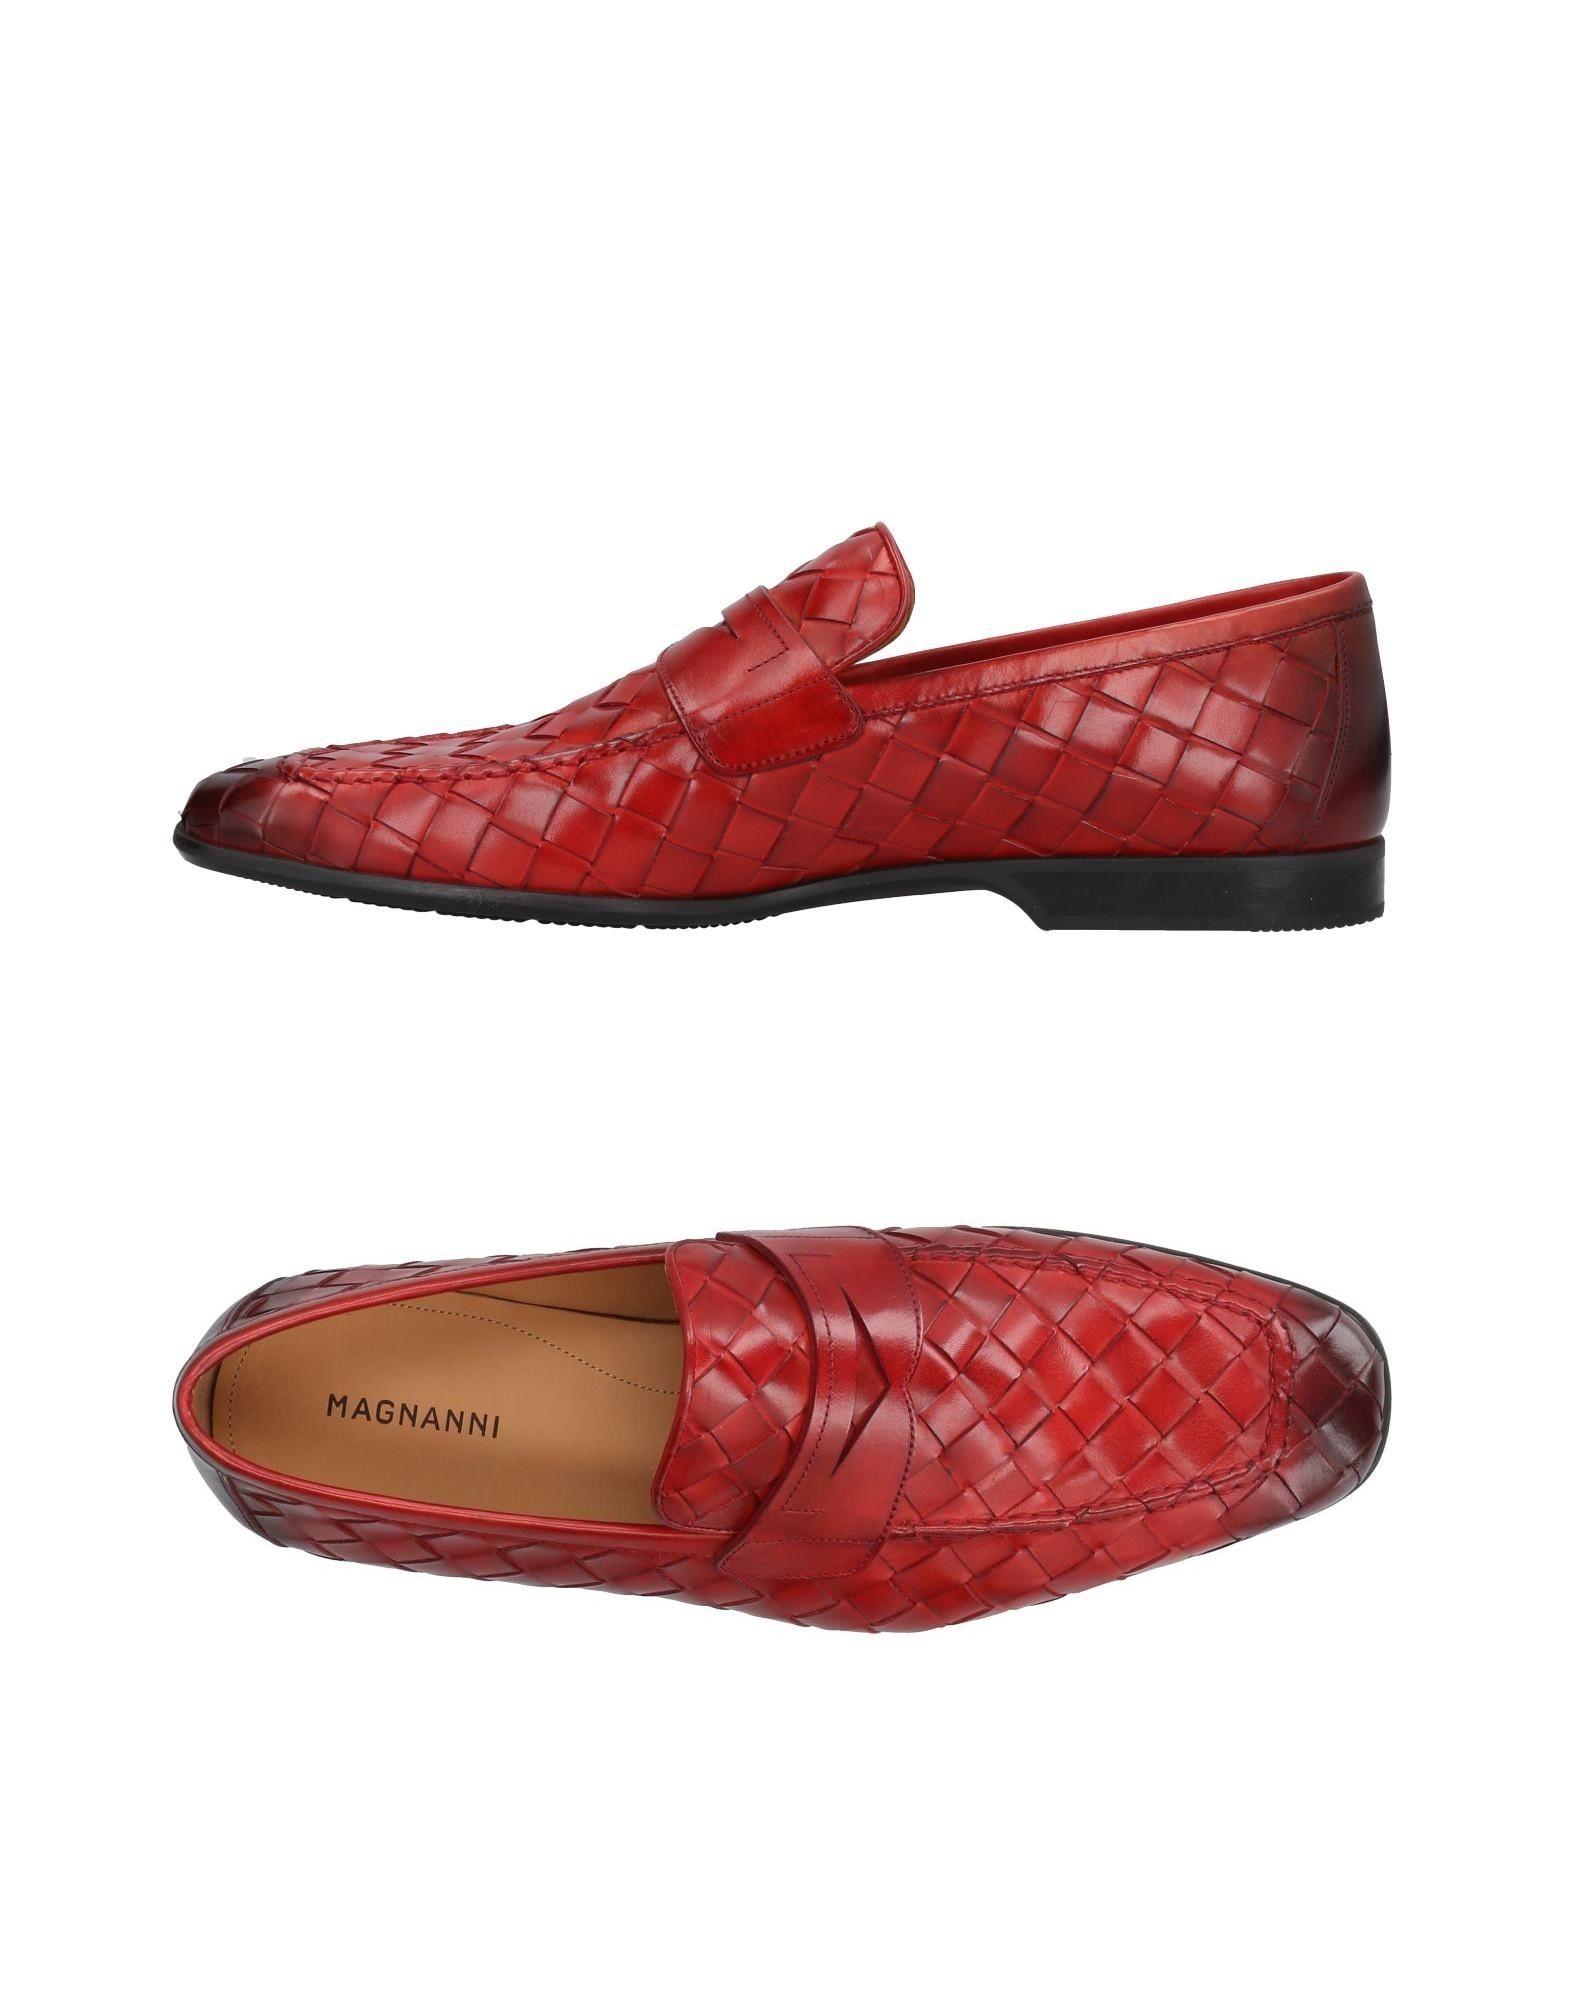 Magnanni Mokassins Herren  11442883JG Gute Qualität beliebte Schuhe